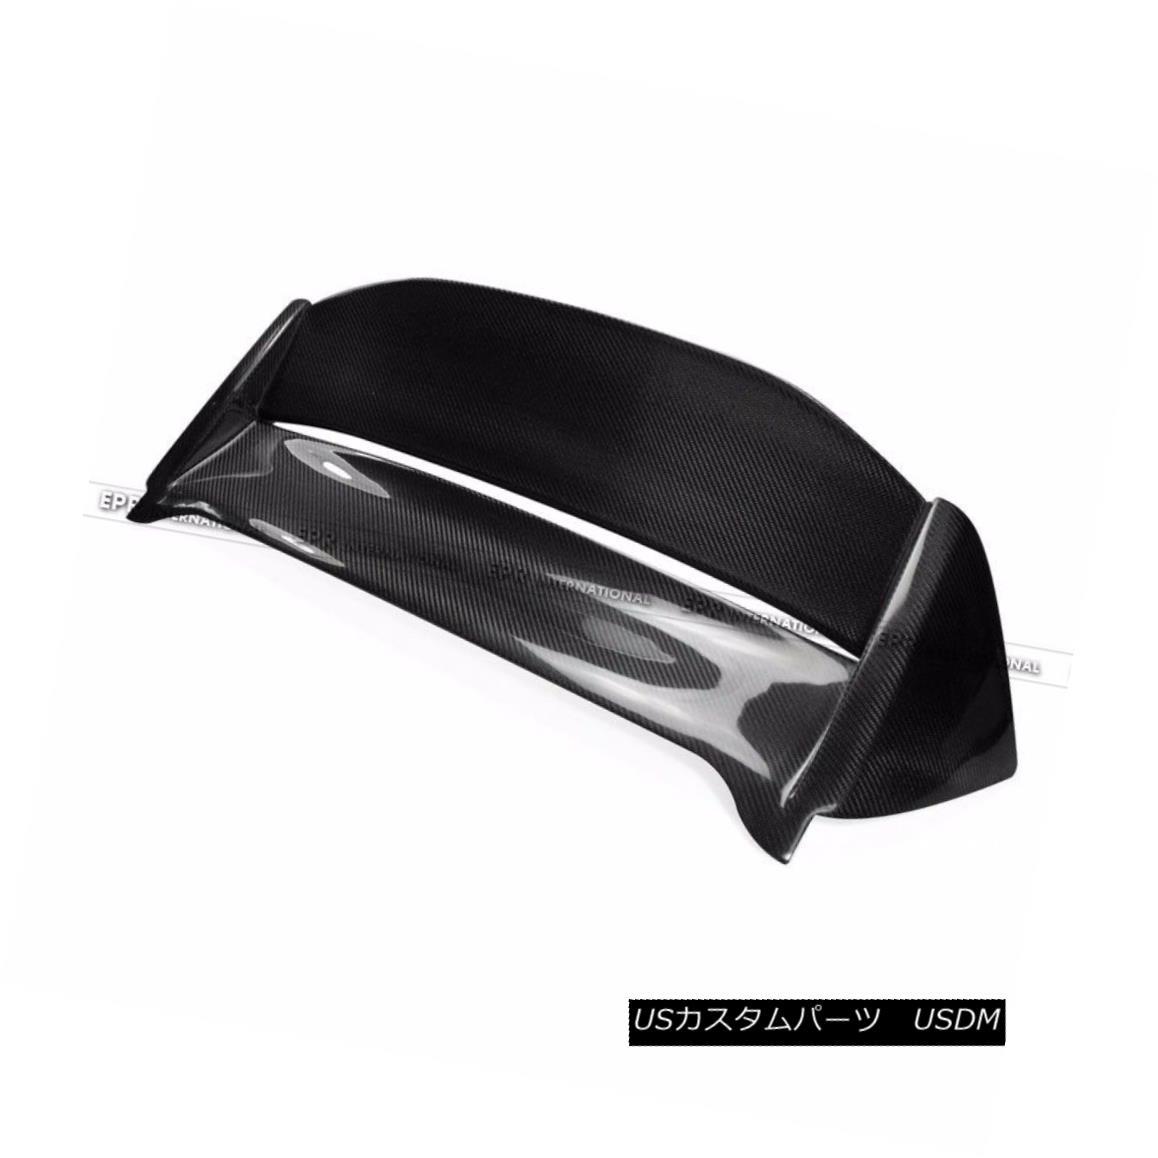 エアロパーツ Carbon Mug Style Hatchback Roof Spoiler Wing For Honda 02-05 Civic EP3 (USDM) ホンダ用炭素マットスタイルハッチバックルーフスポイラーウイング02-05 Civic EP3(USDM)